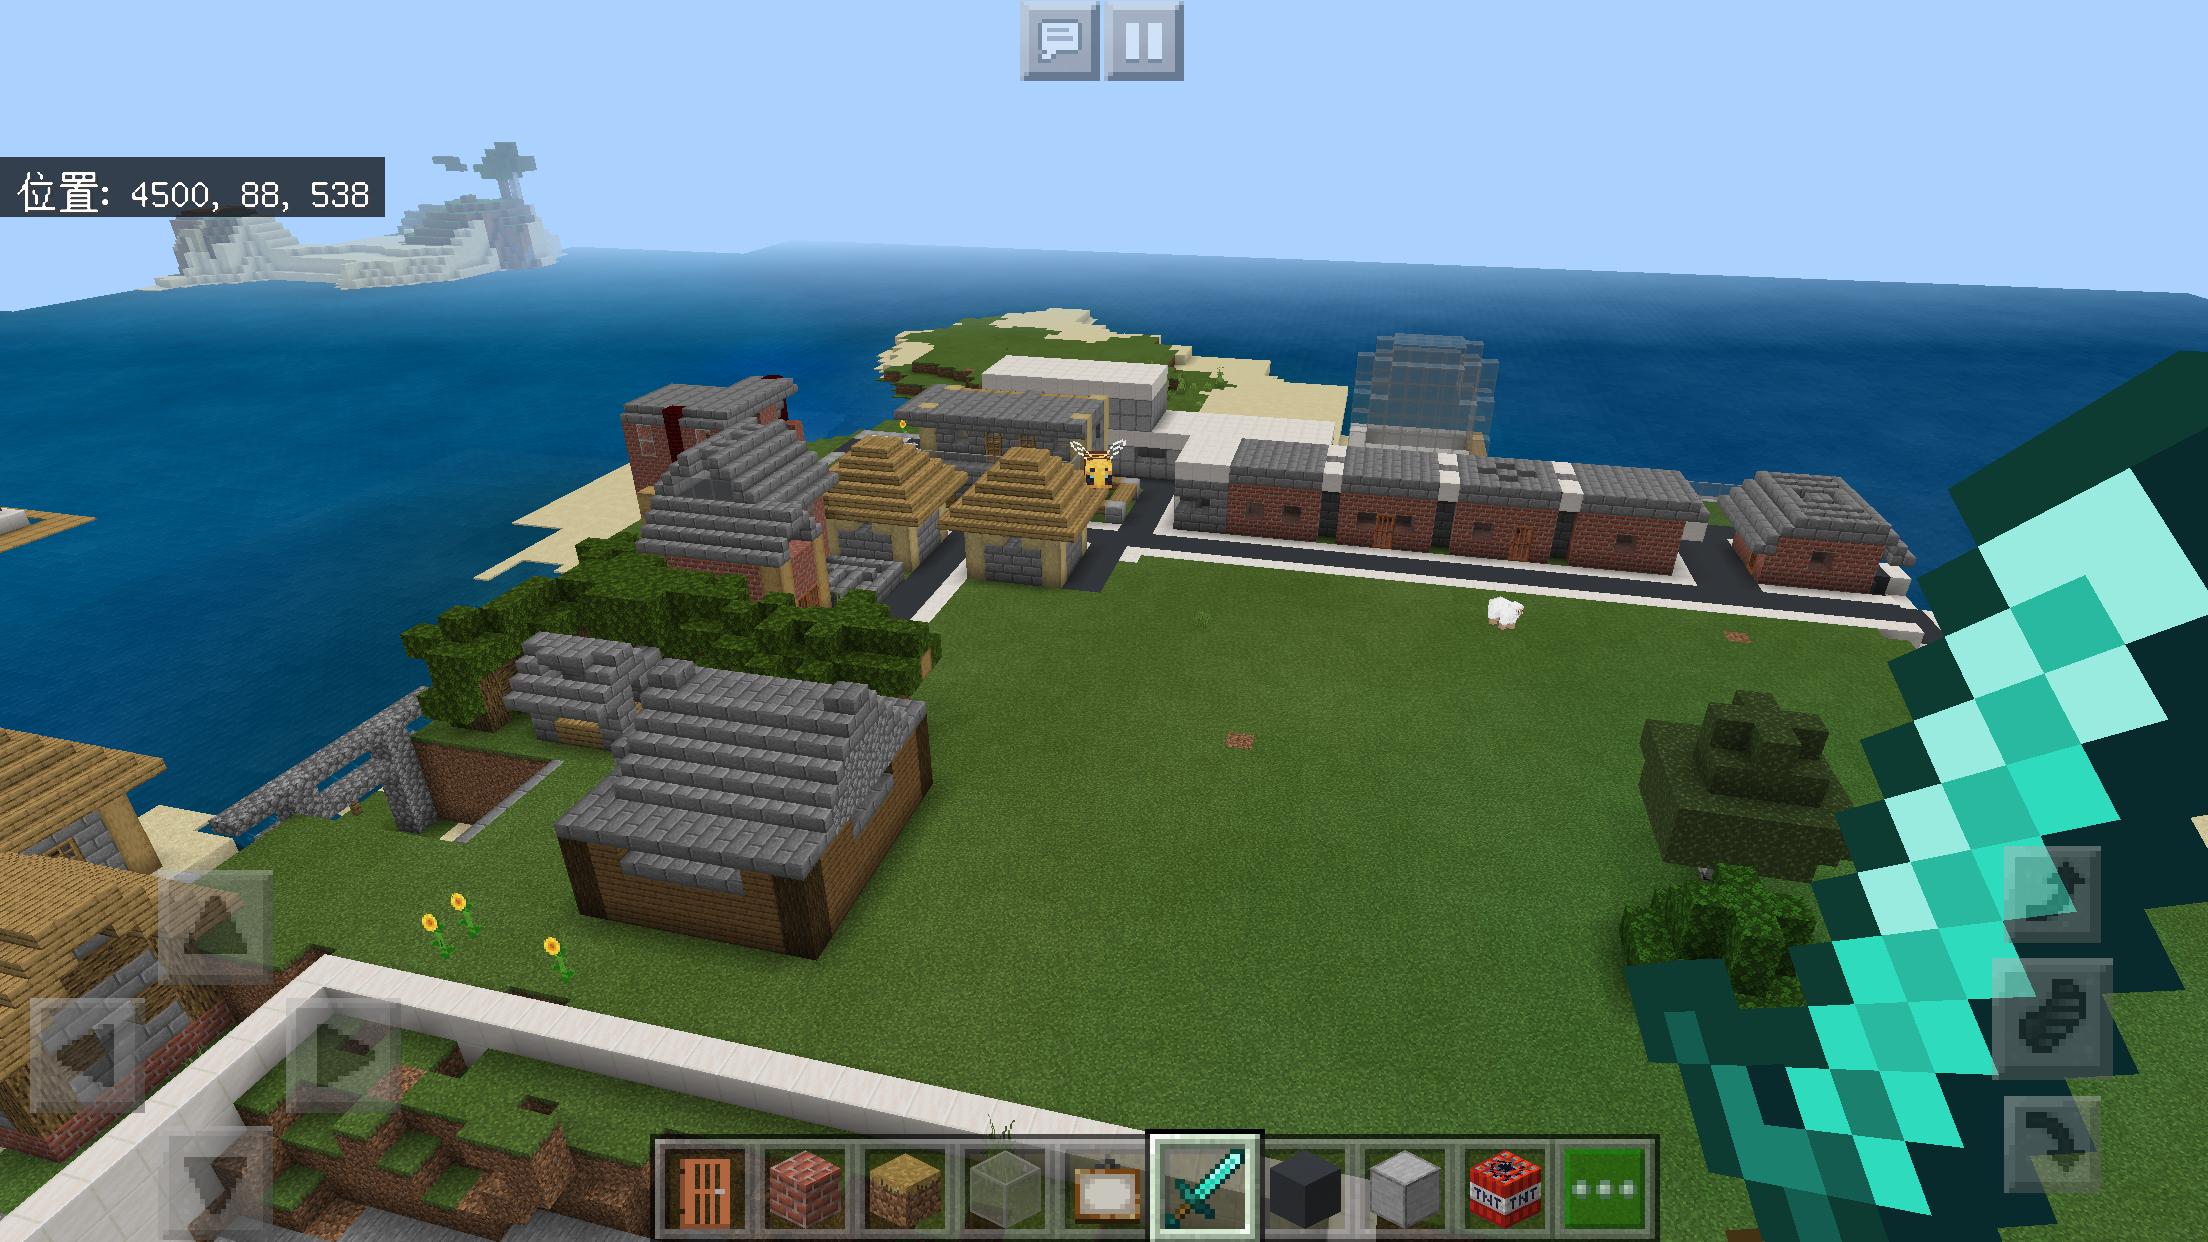 f:id:Minecraftkun:20200223175814p:image